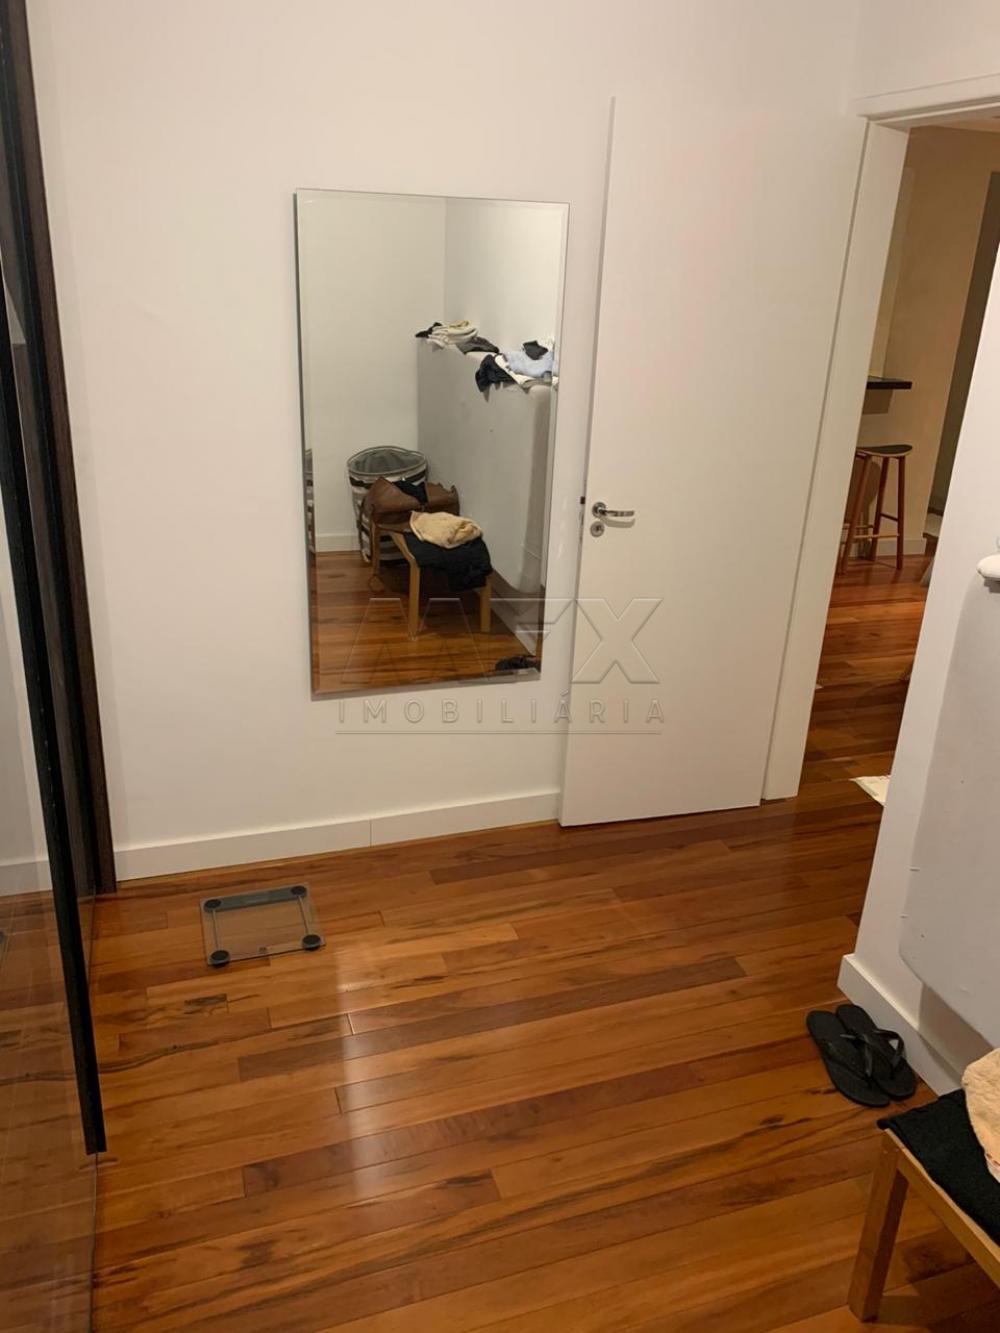 Comprar Apartamento / Padrão em Bauru apenas R$ 155.000,00 - Foto 5